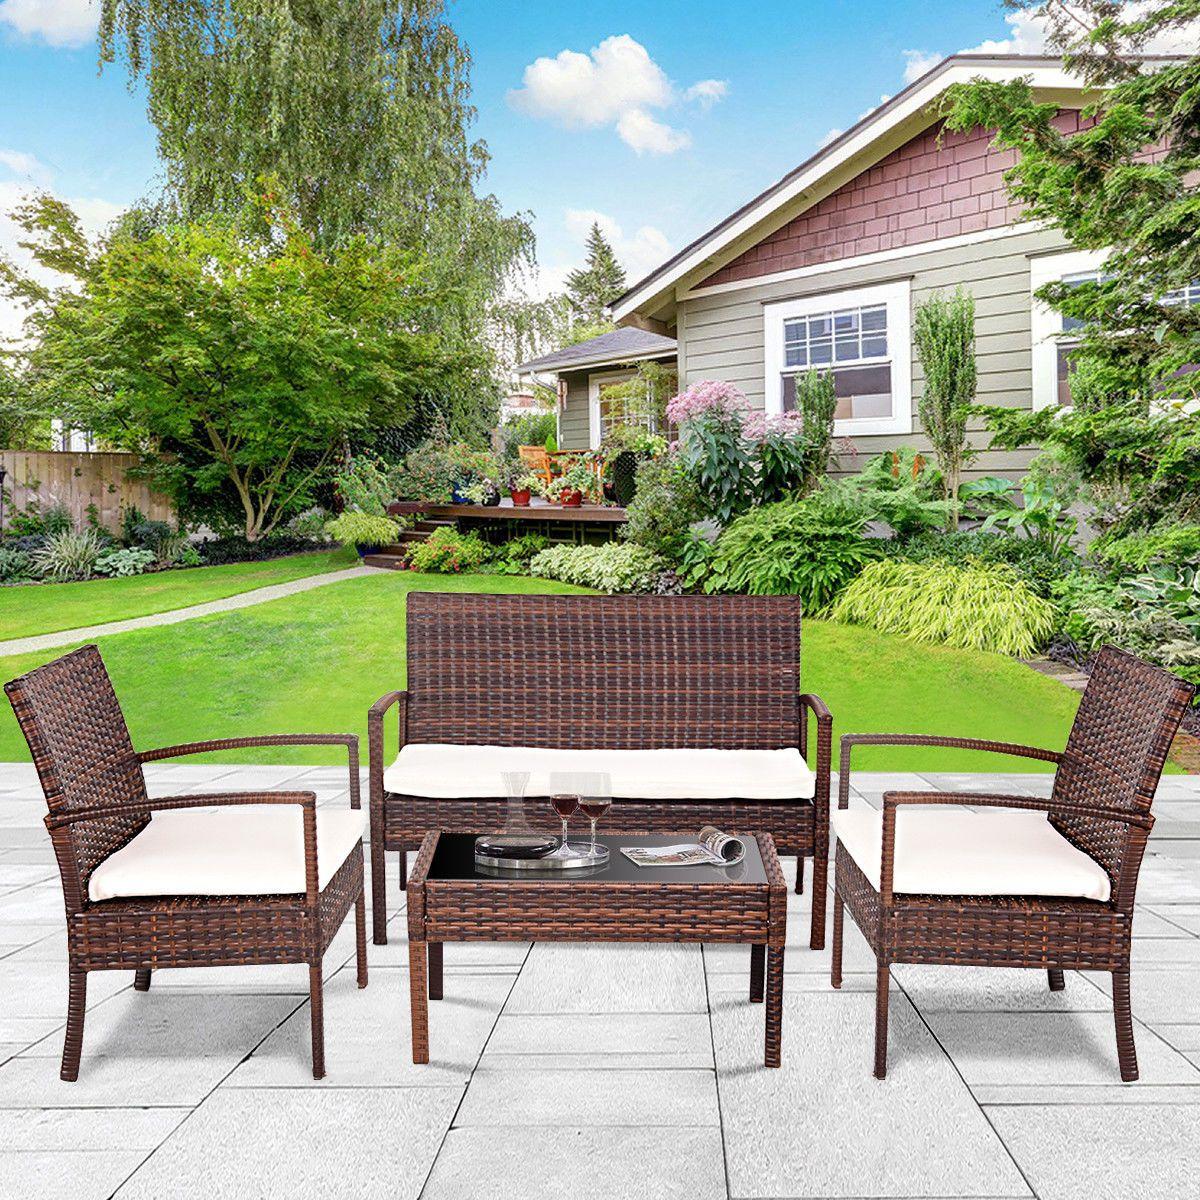 Rattan patio furniture set garden lawn sofa cushioned seat wicker sofa nz 2019 from zhanghao1997 nz 351 76 dhgate nz